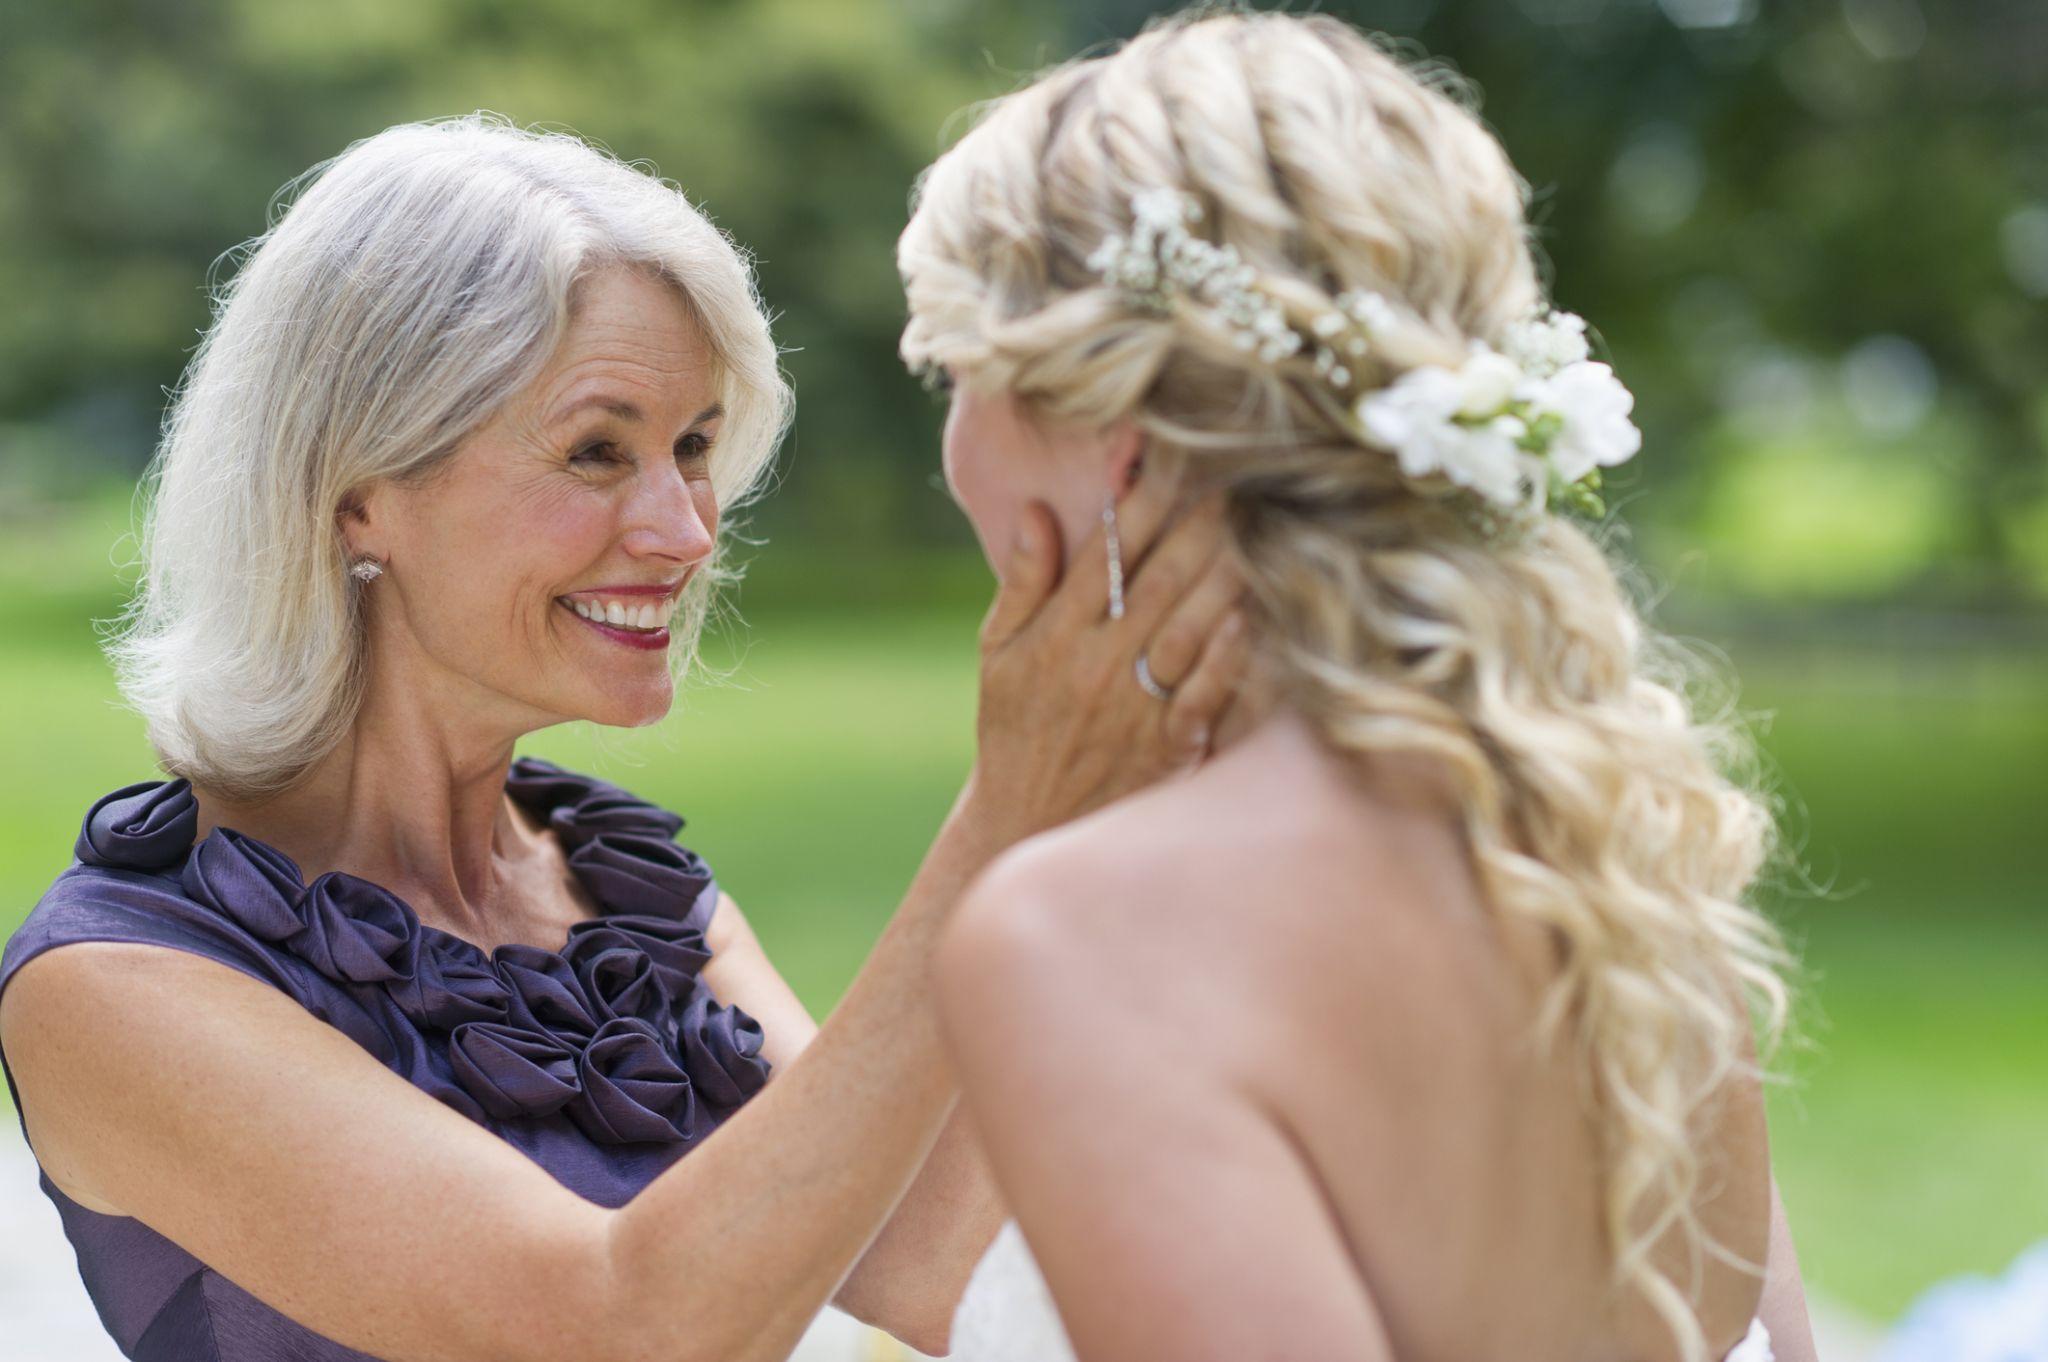 Dear Abby: Respect couple's wedding decision